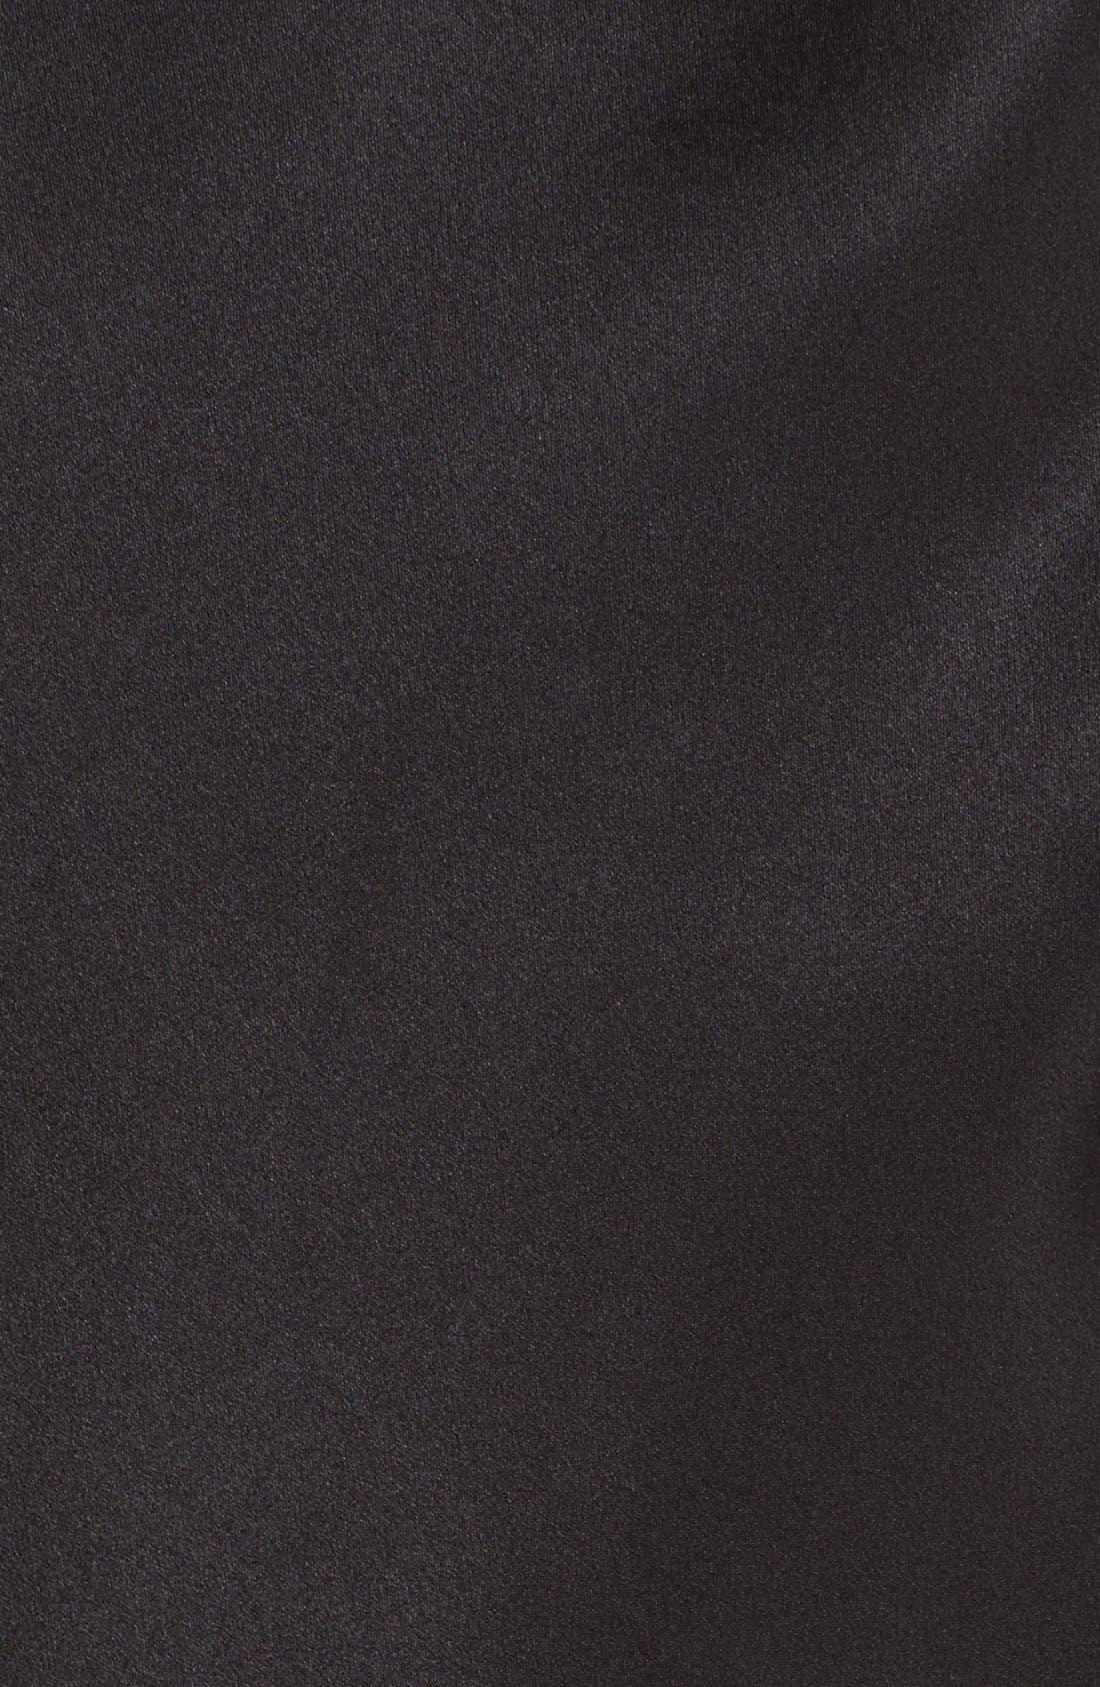 Silk Charmeuse Tank,                             Alternate thumbnail 4, color,                             BLACK